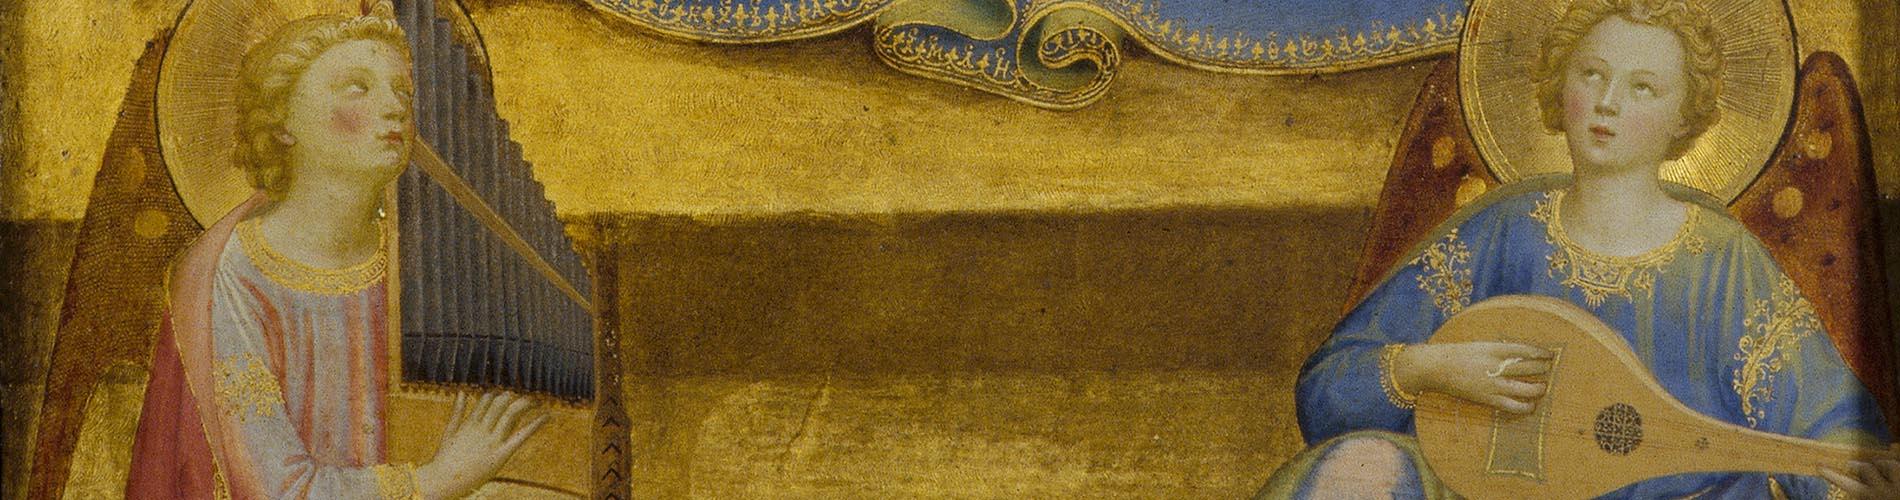 Fra Angelico,Virgen de la Humildad, 1433-1435